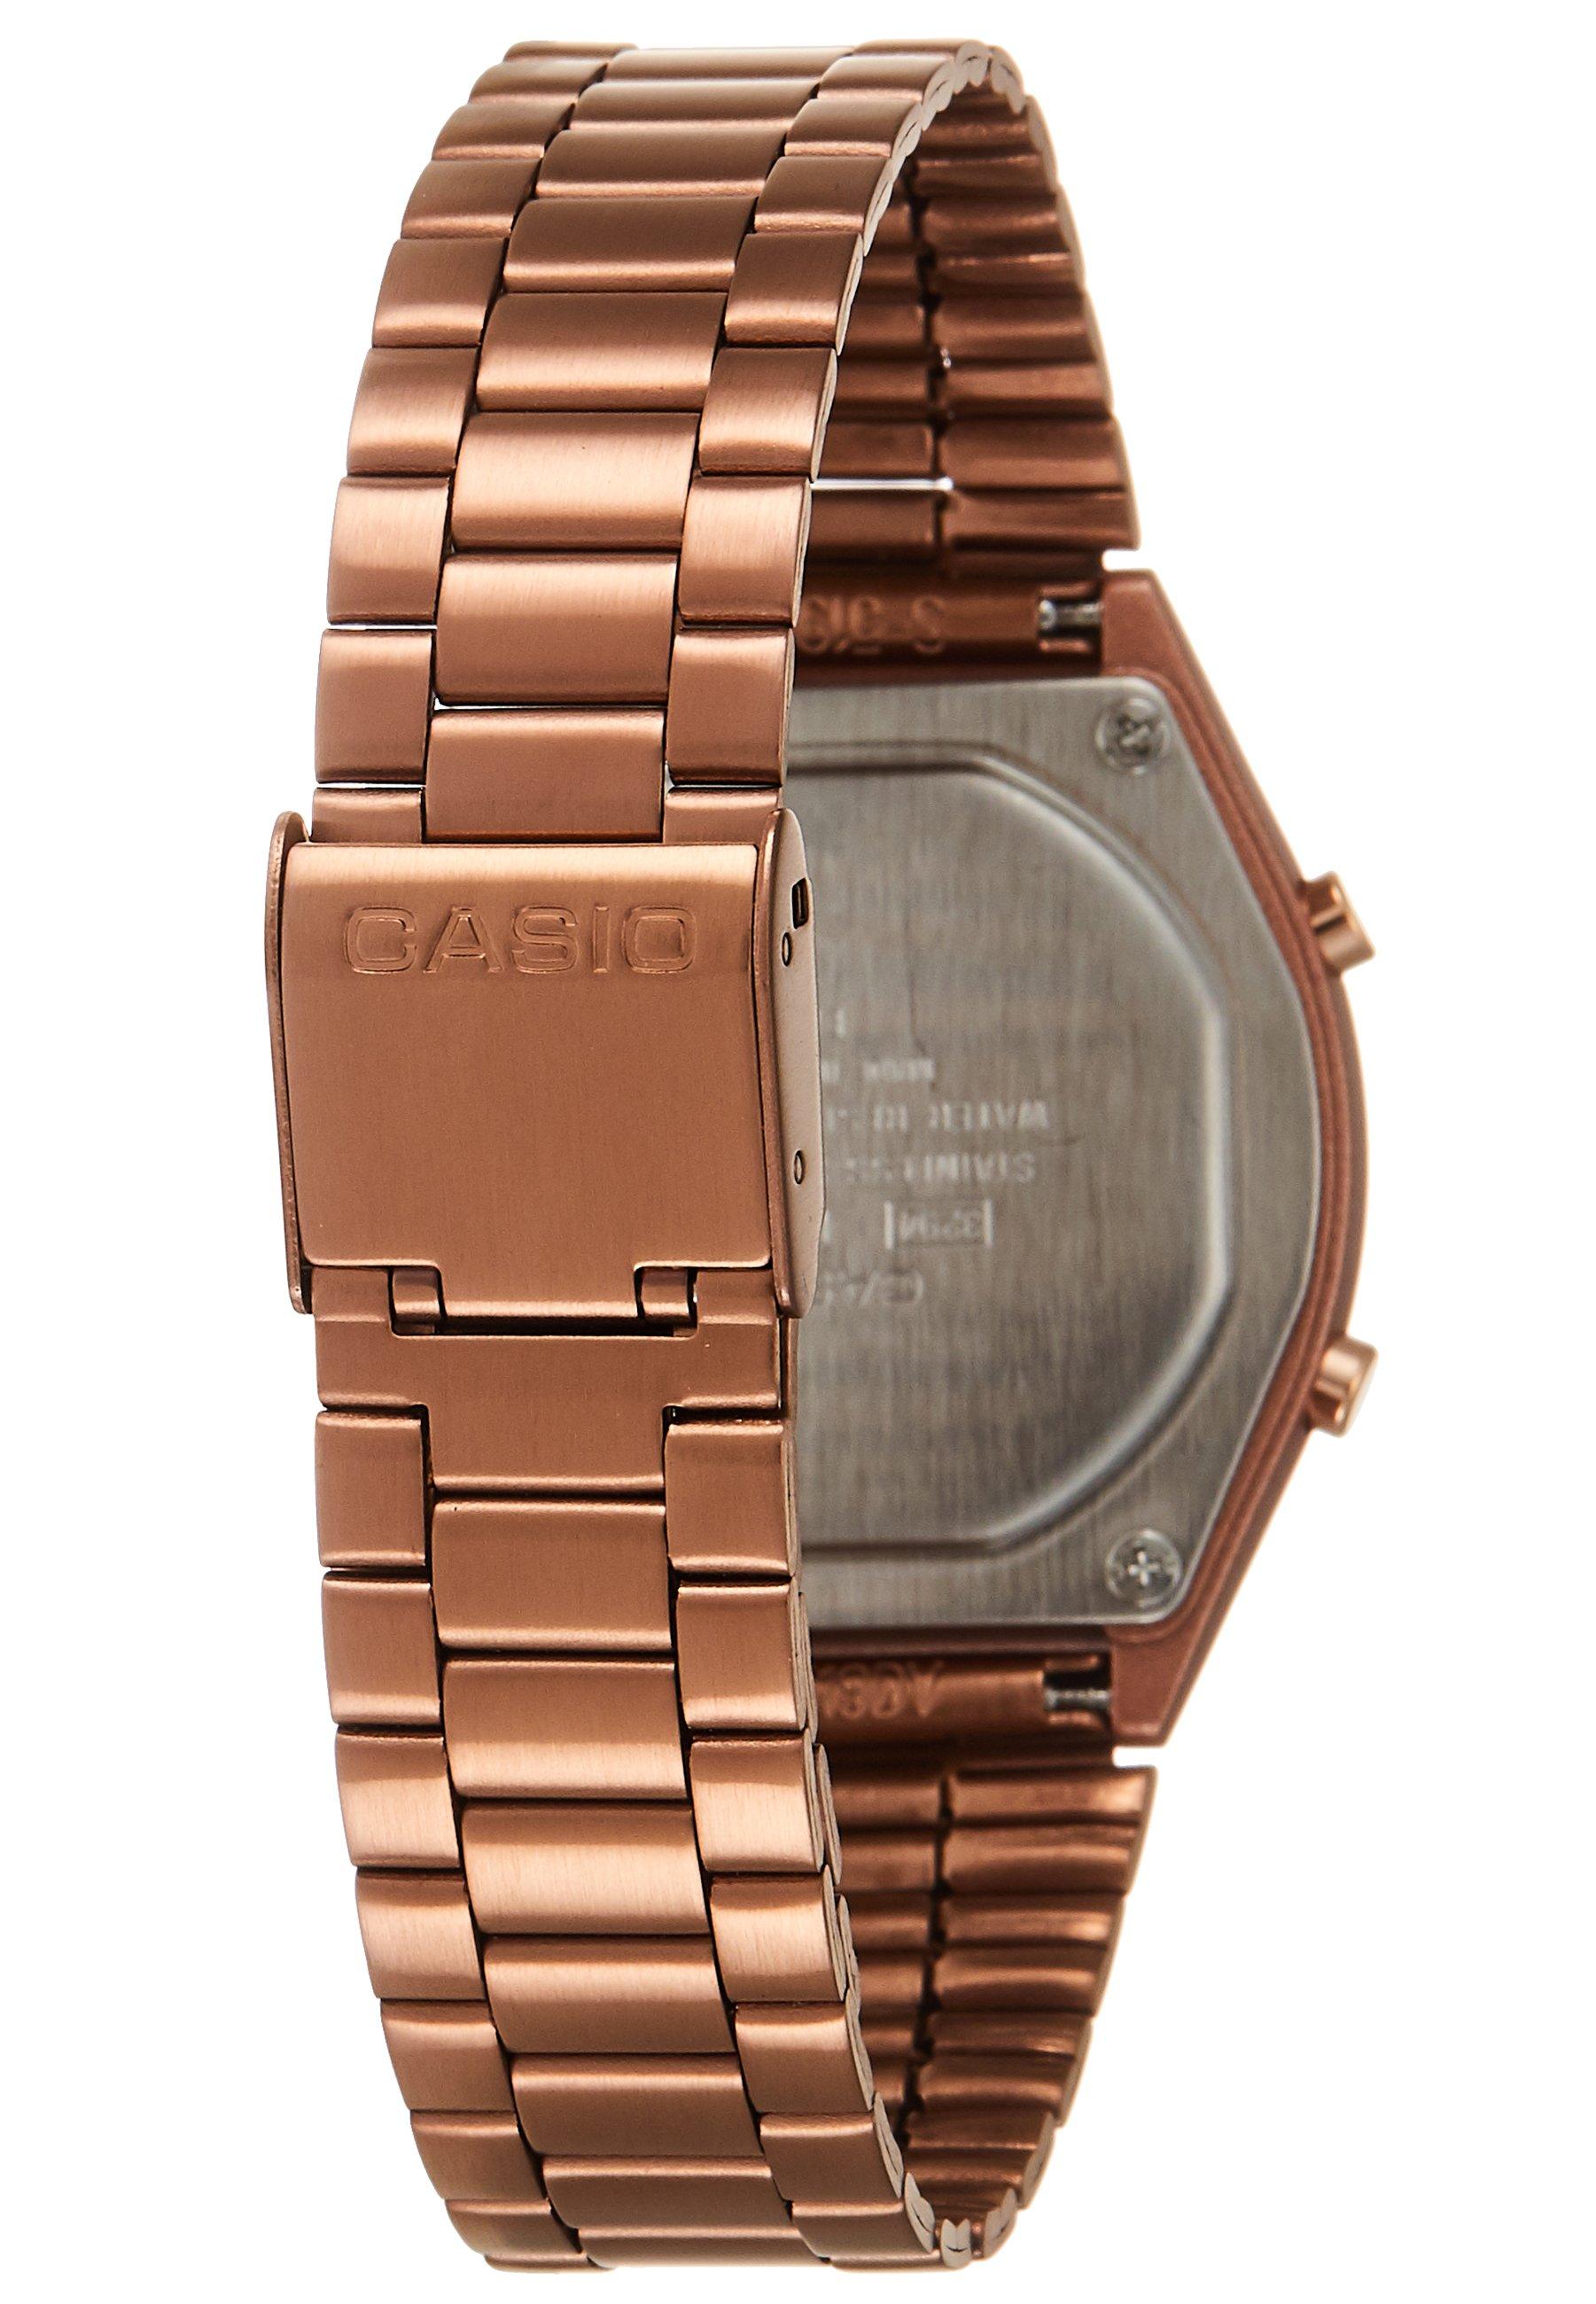 Casio Digital Watch - Rose Gold-coloured